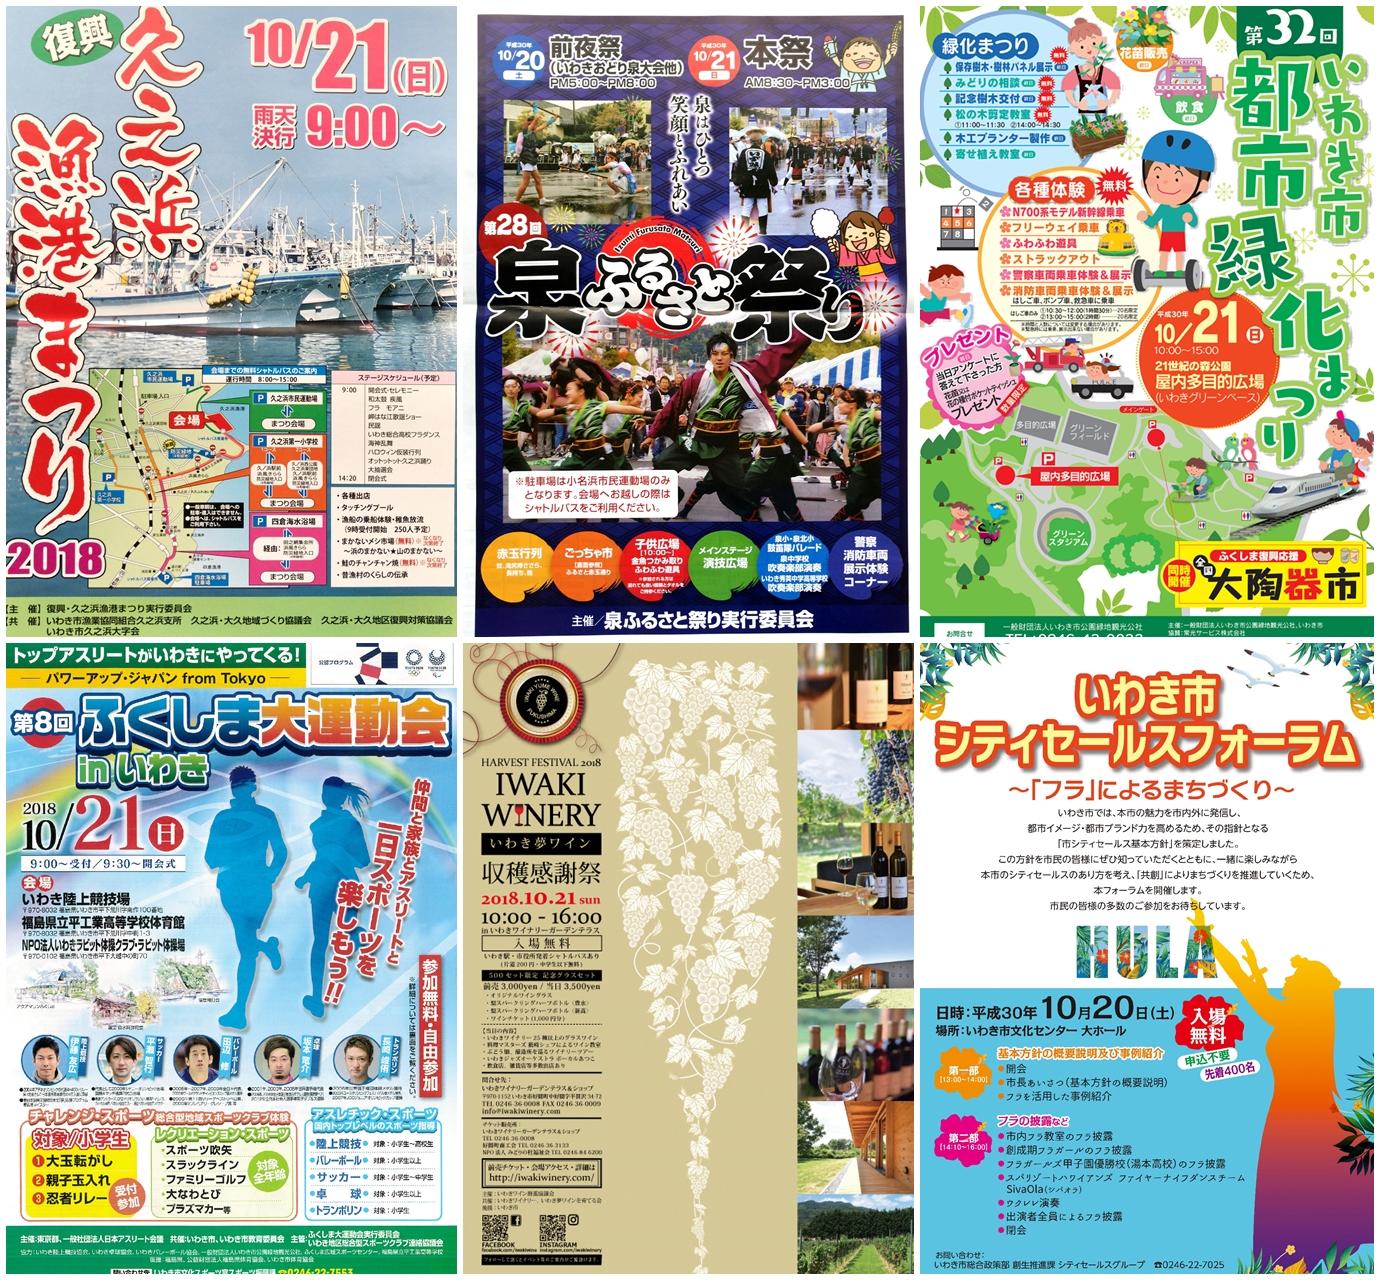 週末イベント情報 [平成30年10月17日(水)更新]1